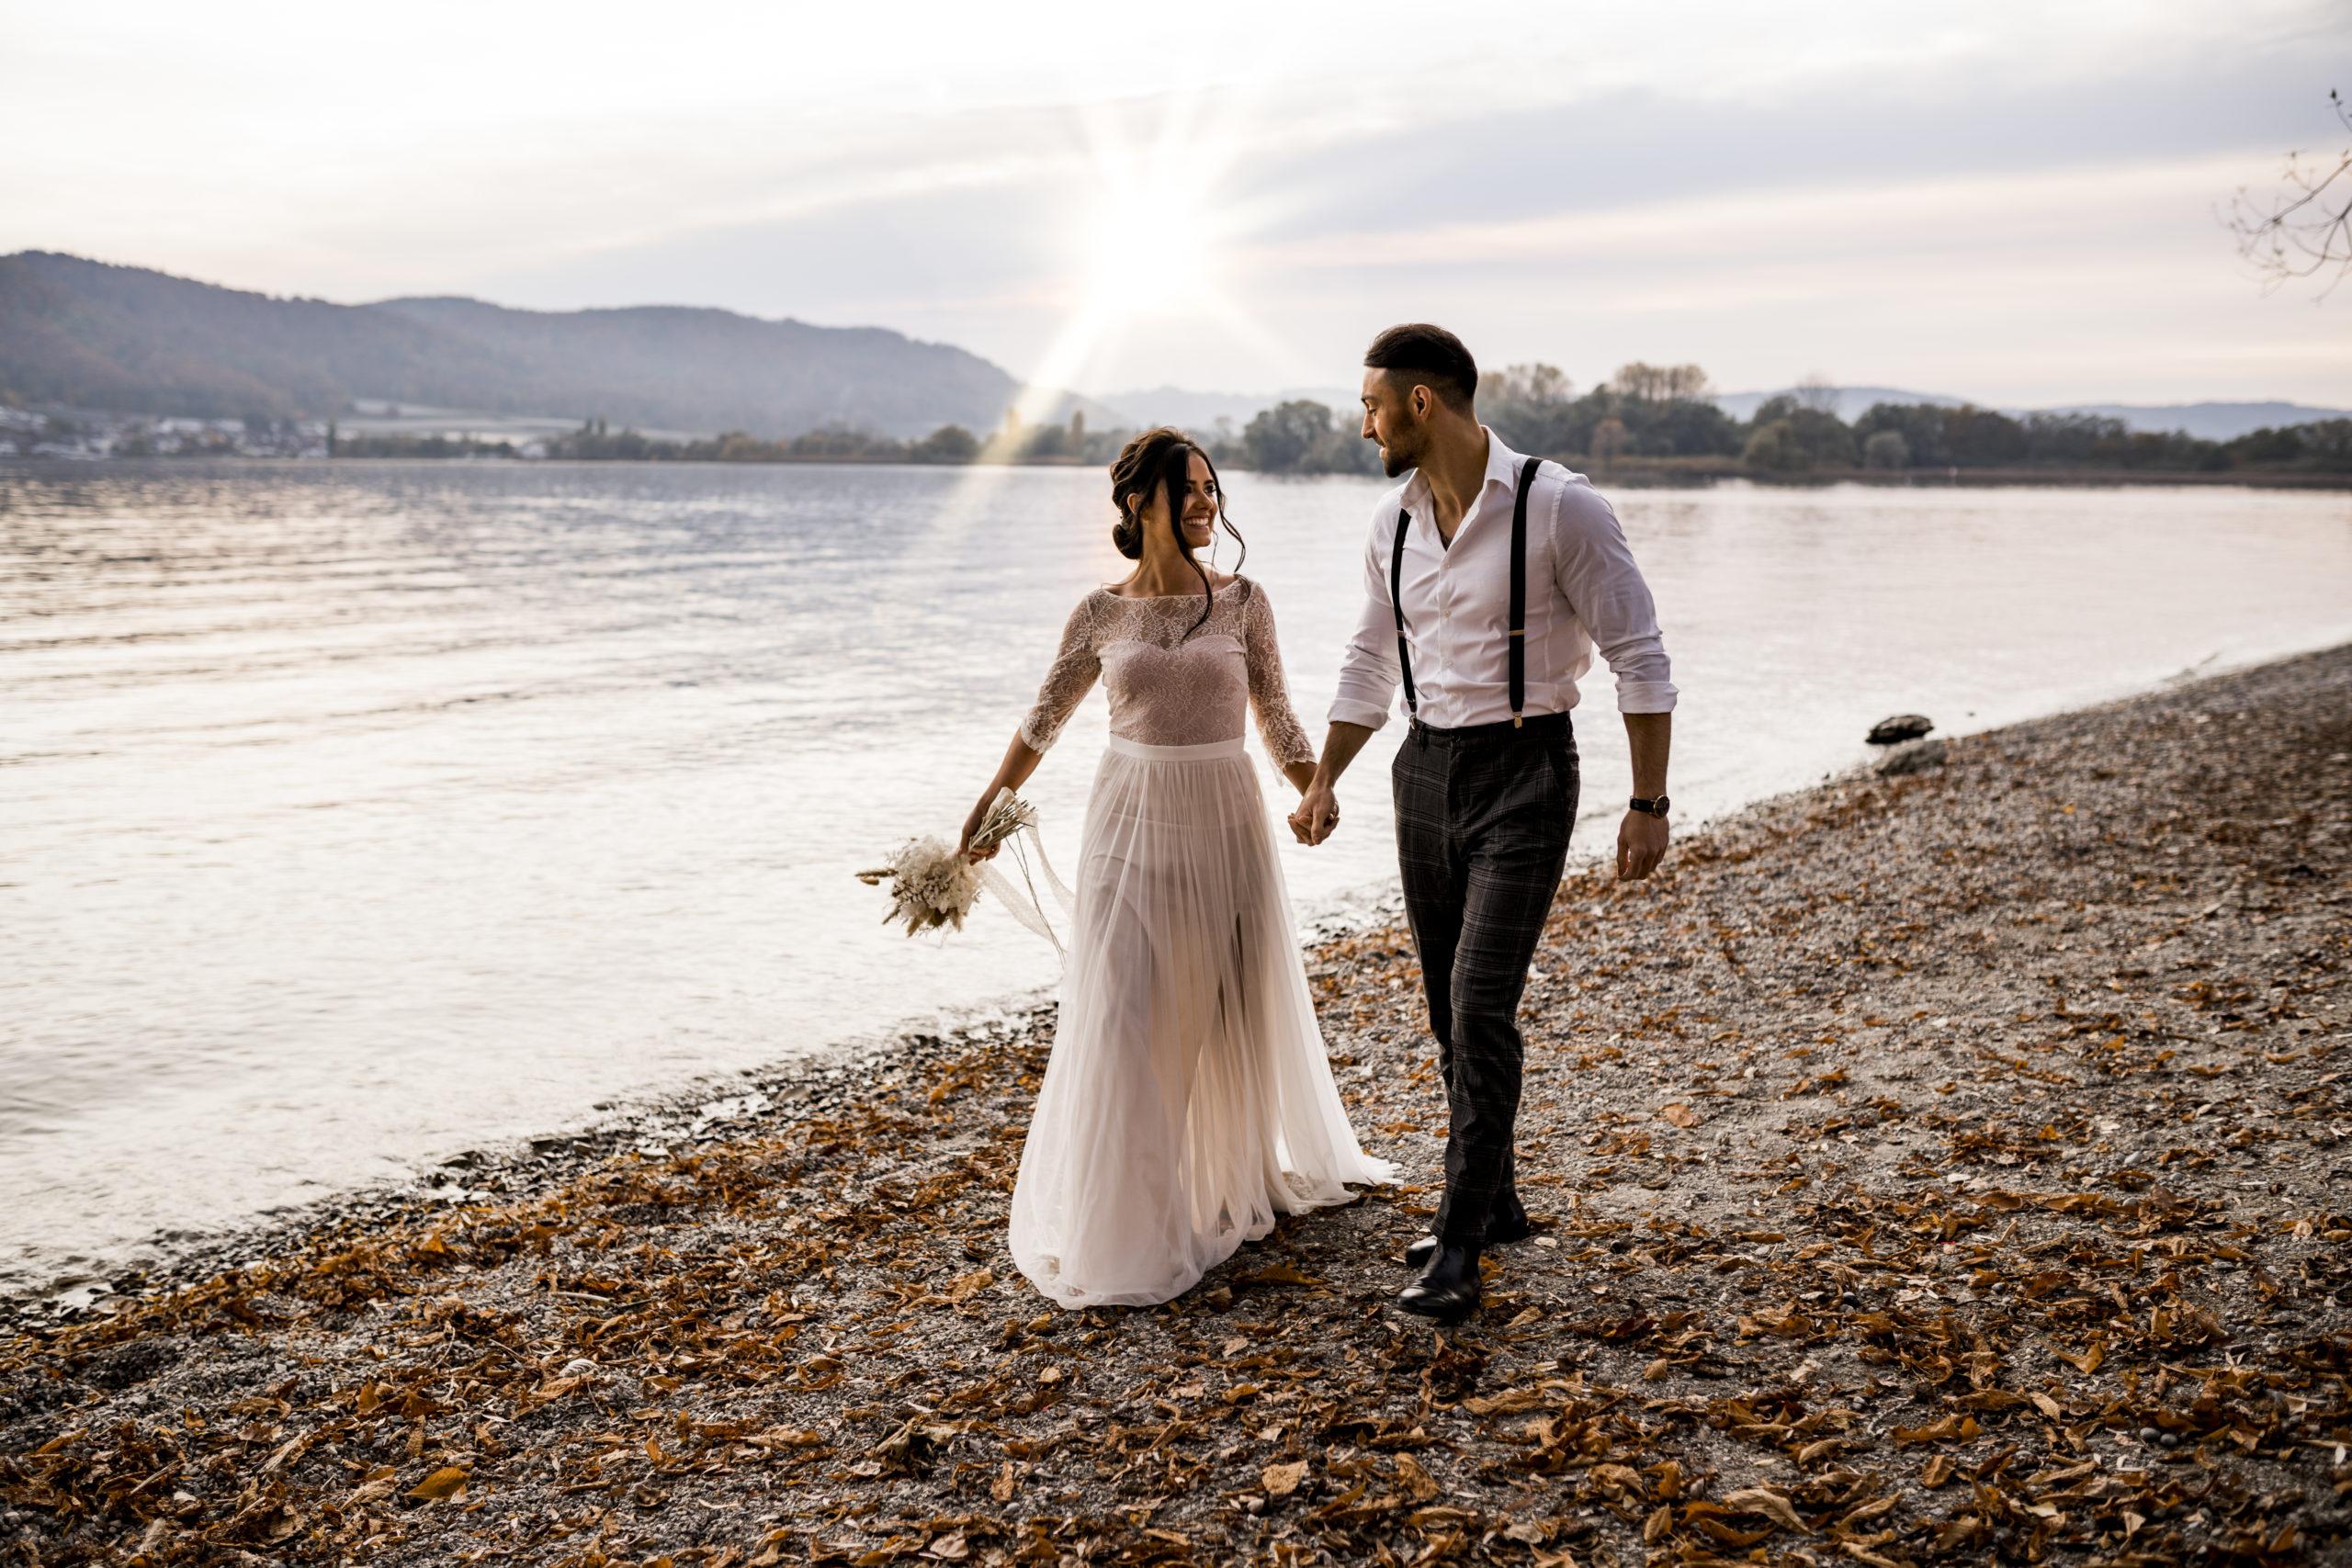 noni Brautmode, Styled Shoot am Bodensee, Model-Pärchen händchenhaltend am Seeufer bei Sonnenschein, Braut mit zweiteiligem Brautkleid in Puderrosa-Optik und Brautstrauss, Bräutigam mit Hemd und Hosenträgern